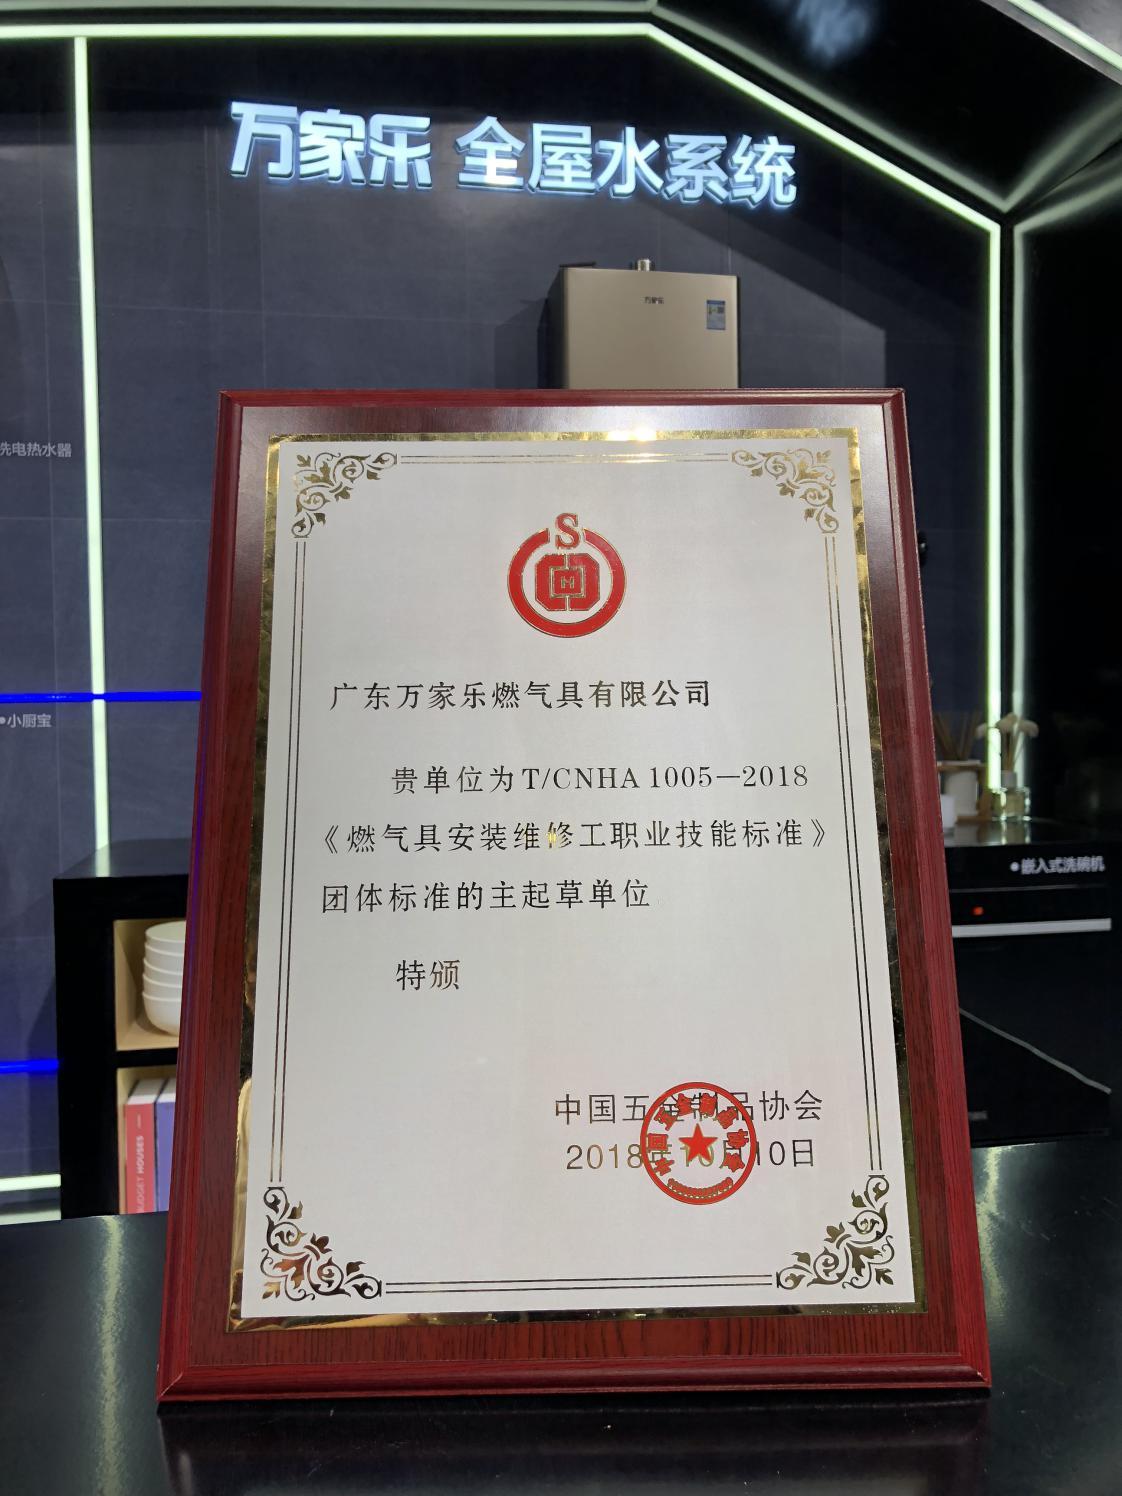 """万家乐燃气具公司发布声明:此""""万家乐""""非彼""""万家乐"""" ,公司一切生产经营正常"""